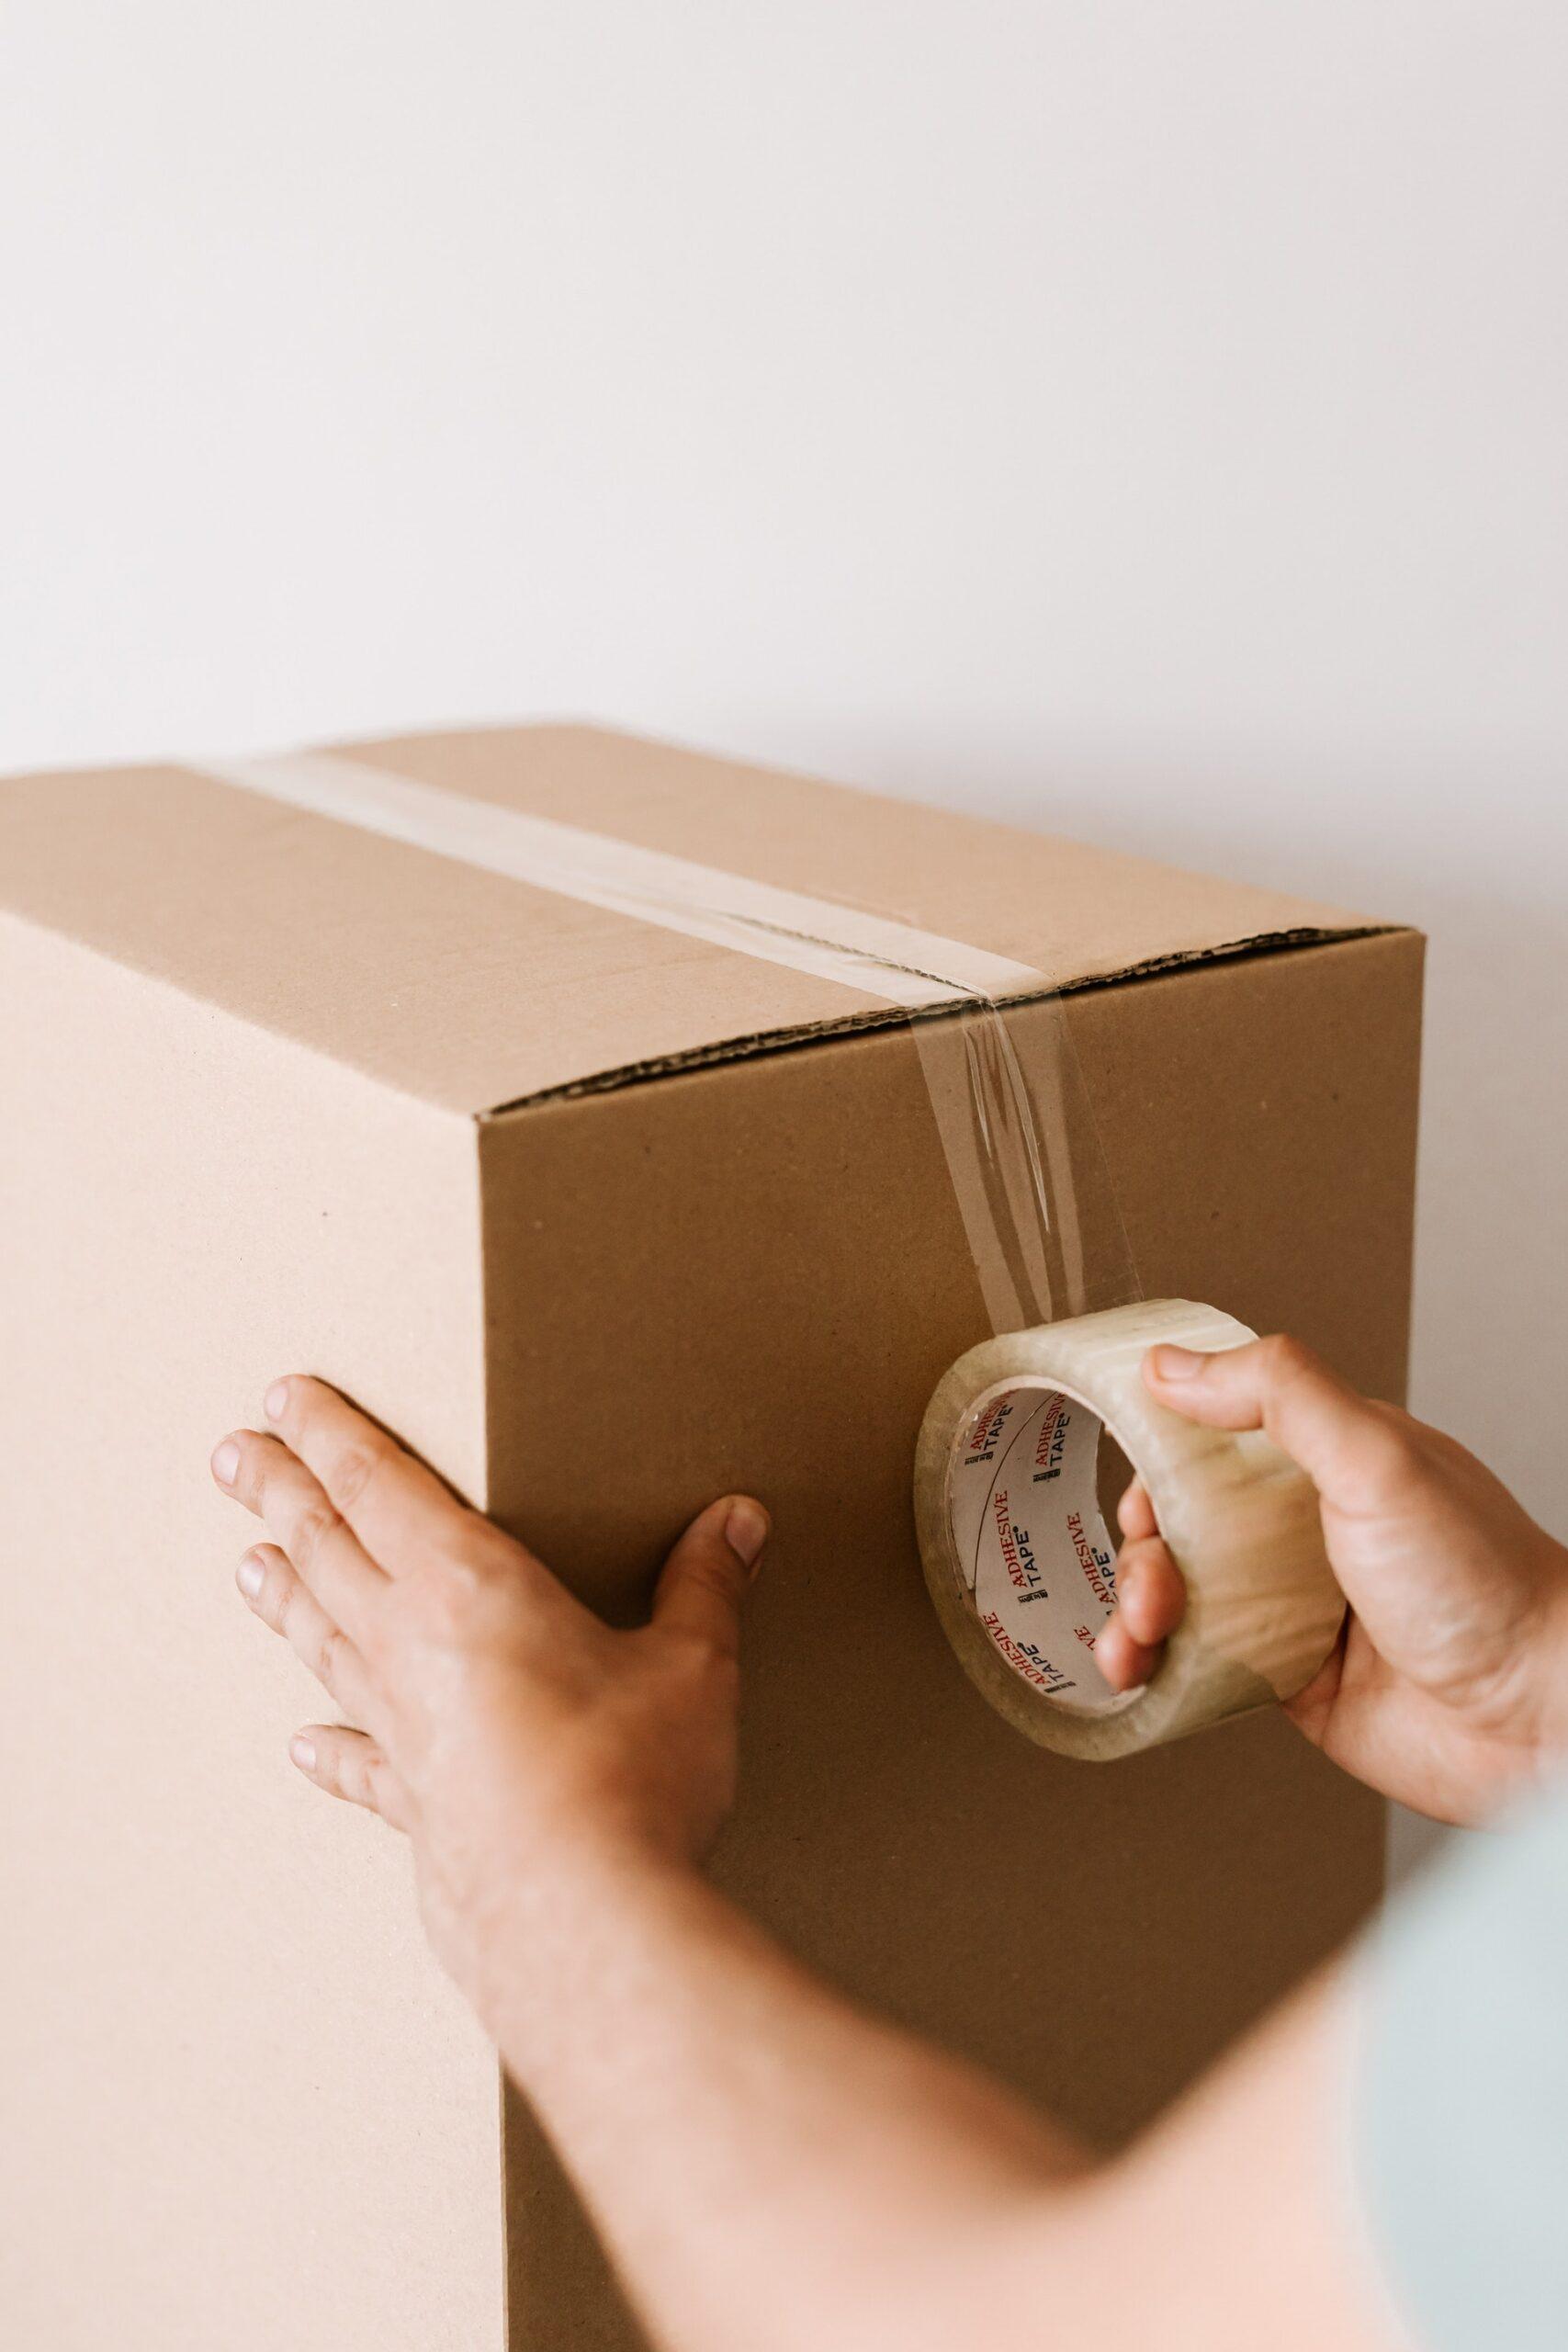 Indpakning af pakke